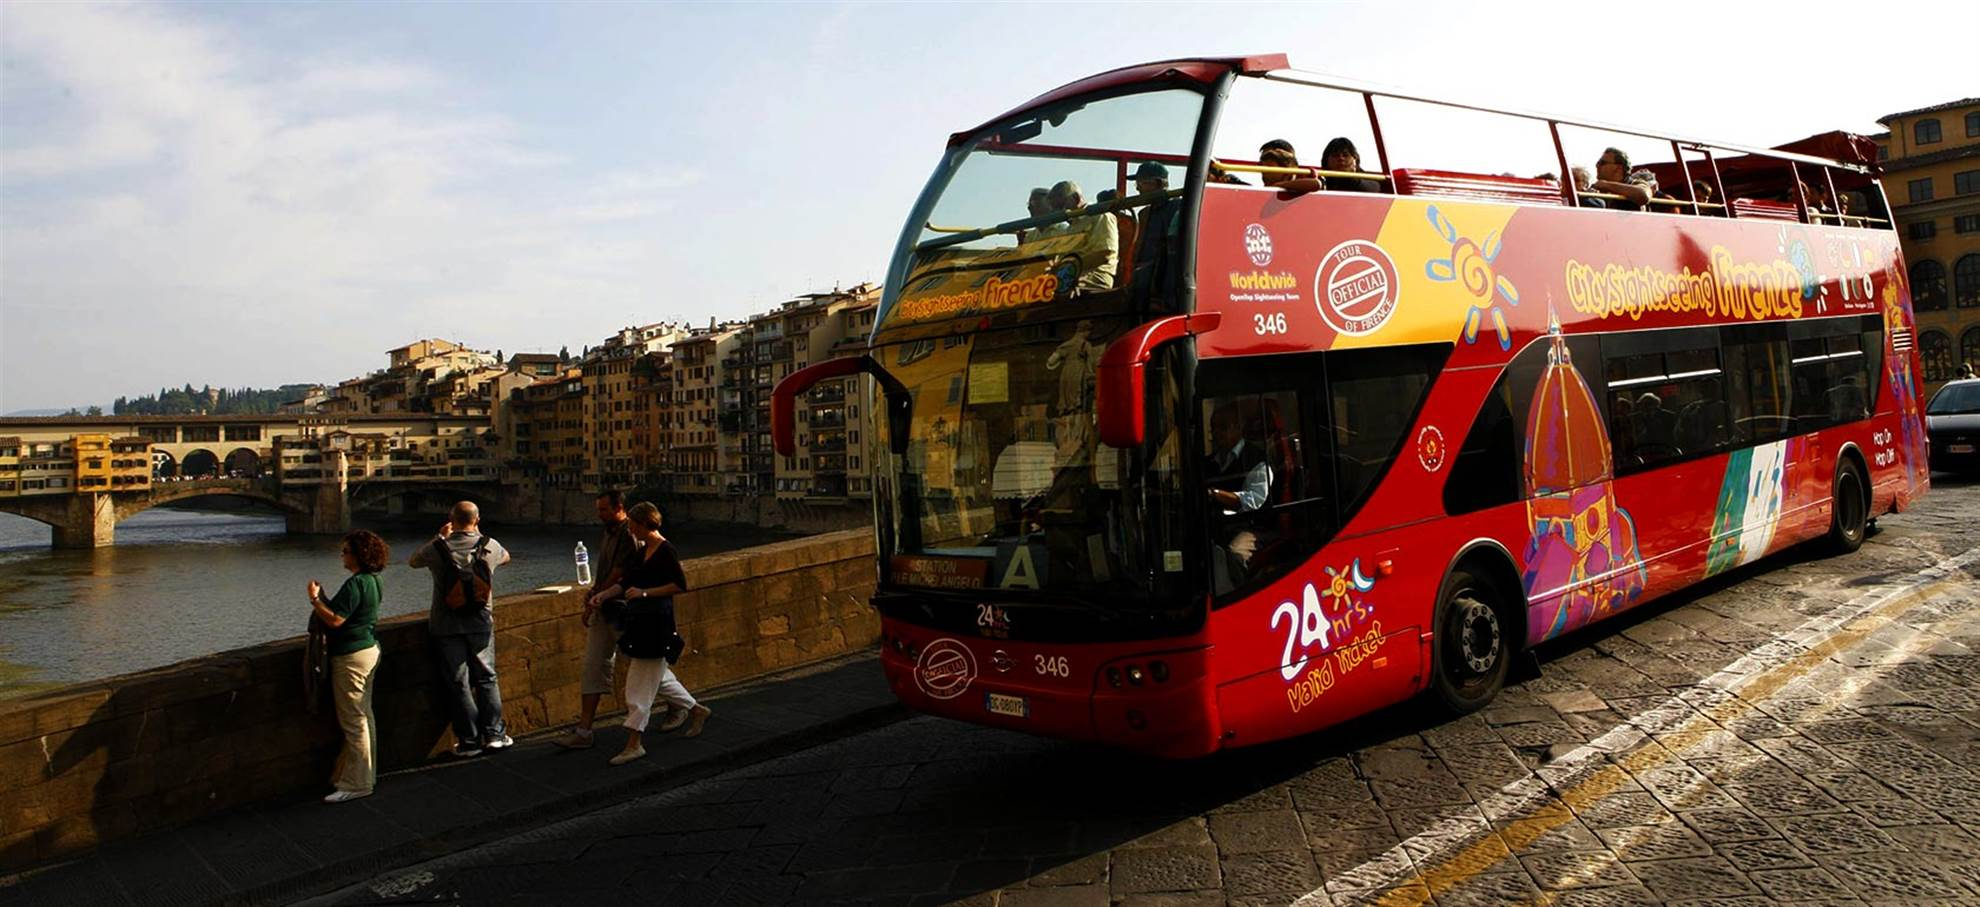 Florenz Hop-on/Hop-off Bus